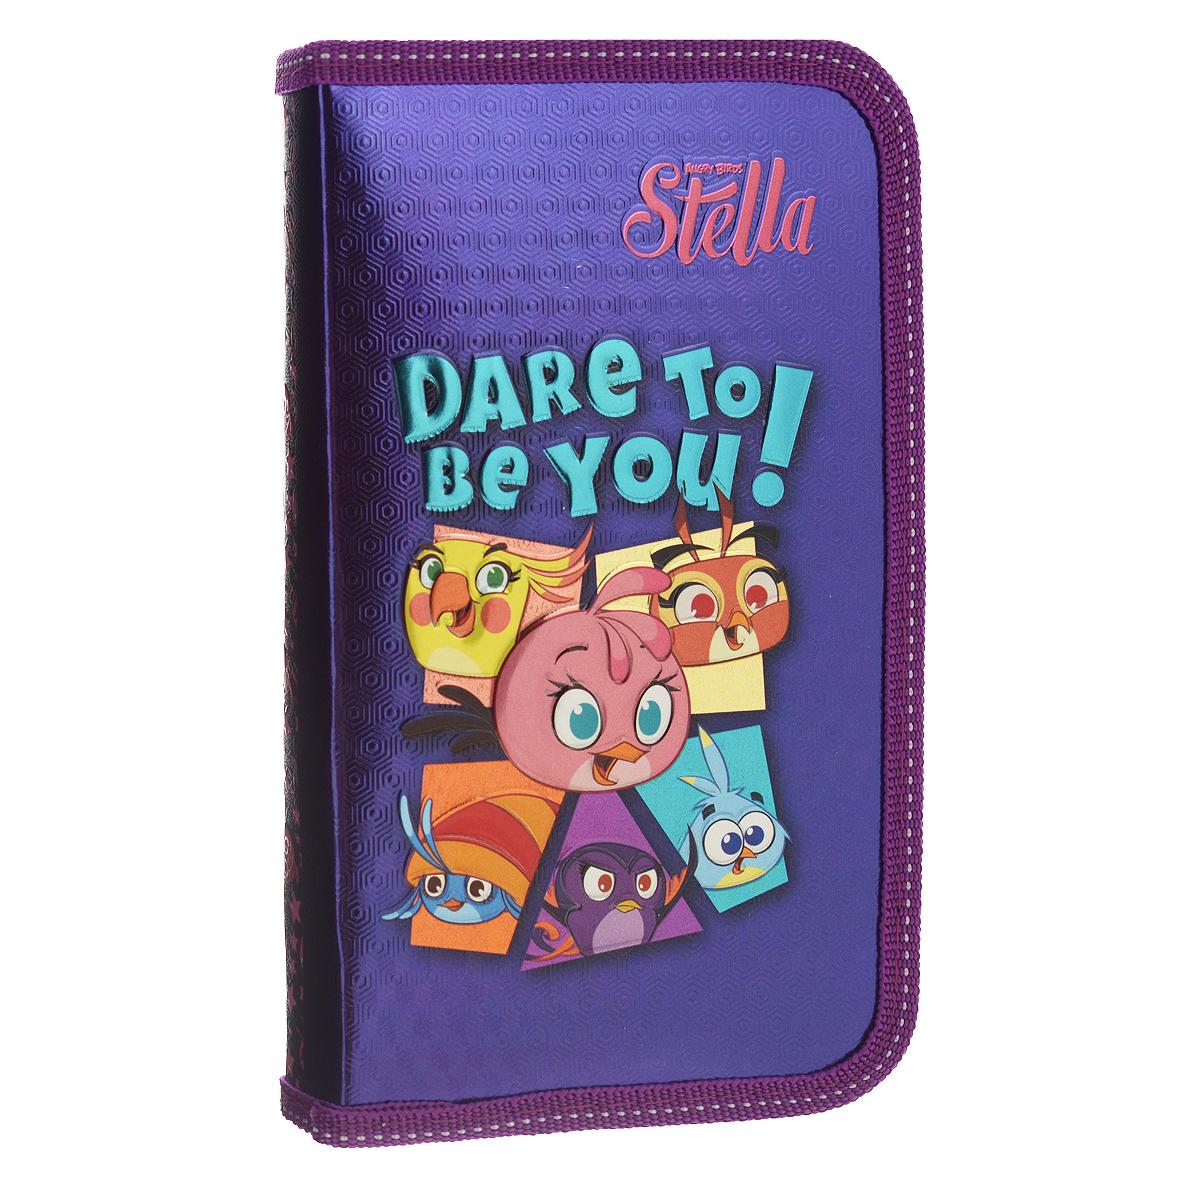 Пенал Action! Angry Birds: Stella, цвет: фиолетовыйSA-PC01-02/C49362_фиолетовыйПенал Action! Angry Birds: Stella станет не только практичным, но и стильным школьным аксессуаром для любого малыша. Пенал выполнен из прочного картона и закрывается на застежку-молнию. Состоит из одного вместительного отделения, в котором без труда поместятся канцелярские принадлежности.Внутри пенала находятся эластичные крепления для канцелярских принадлежностей. Для обеспечения дополнительной износоустойчивости, пенал отделан лентой из полиэстера по краю, а также дополнен закругленными уголками. Пенал оформлен изображением птичек из игры Angry Birds и надписью Dare to be you!. Такой пенал станет незаменимым помощником для школьника, с ним ручки и карандаши всегда будут под рукой и больше не потеряются.